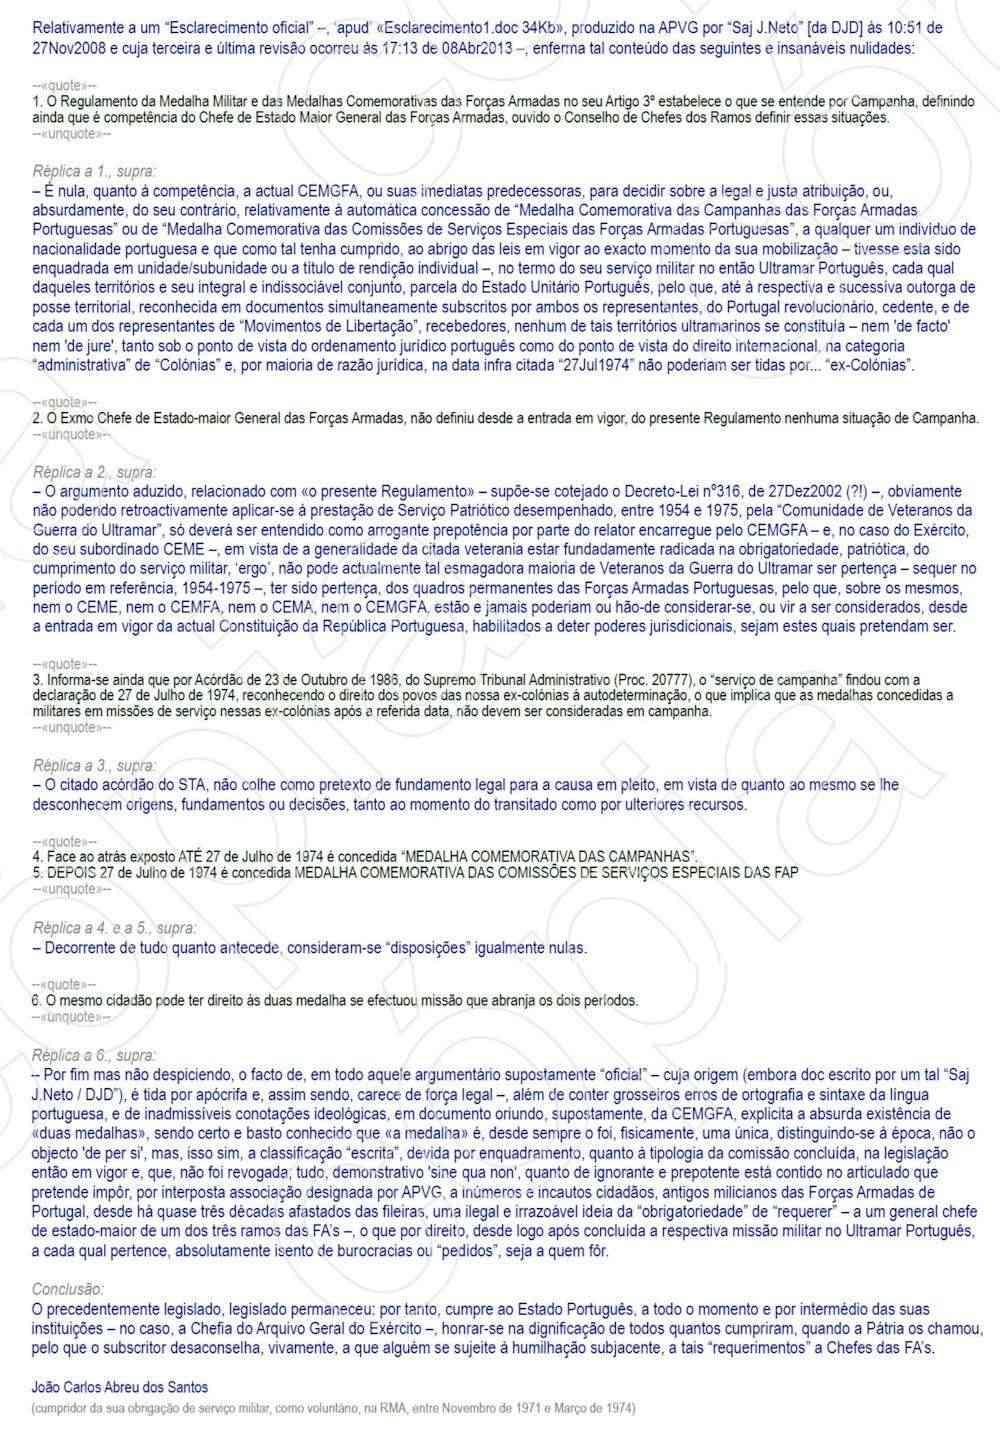 O Estado em dívida, recorre a pretextos burocráticos... Pictur11